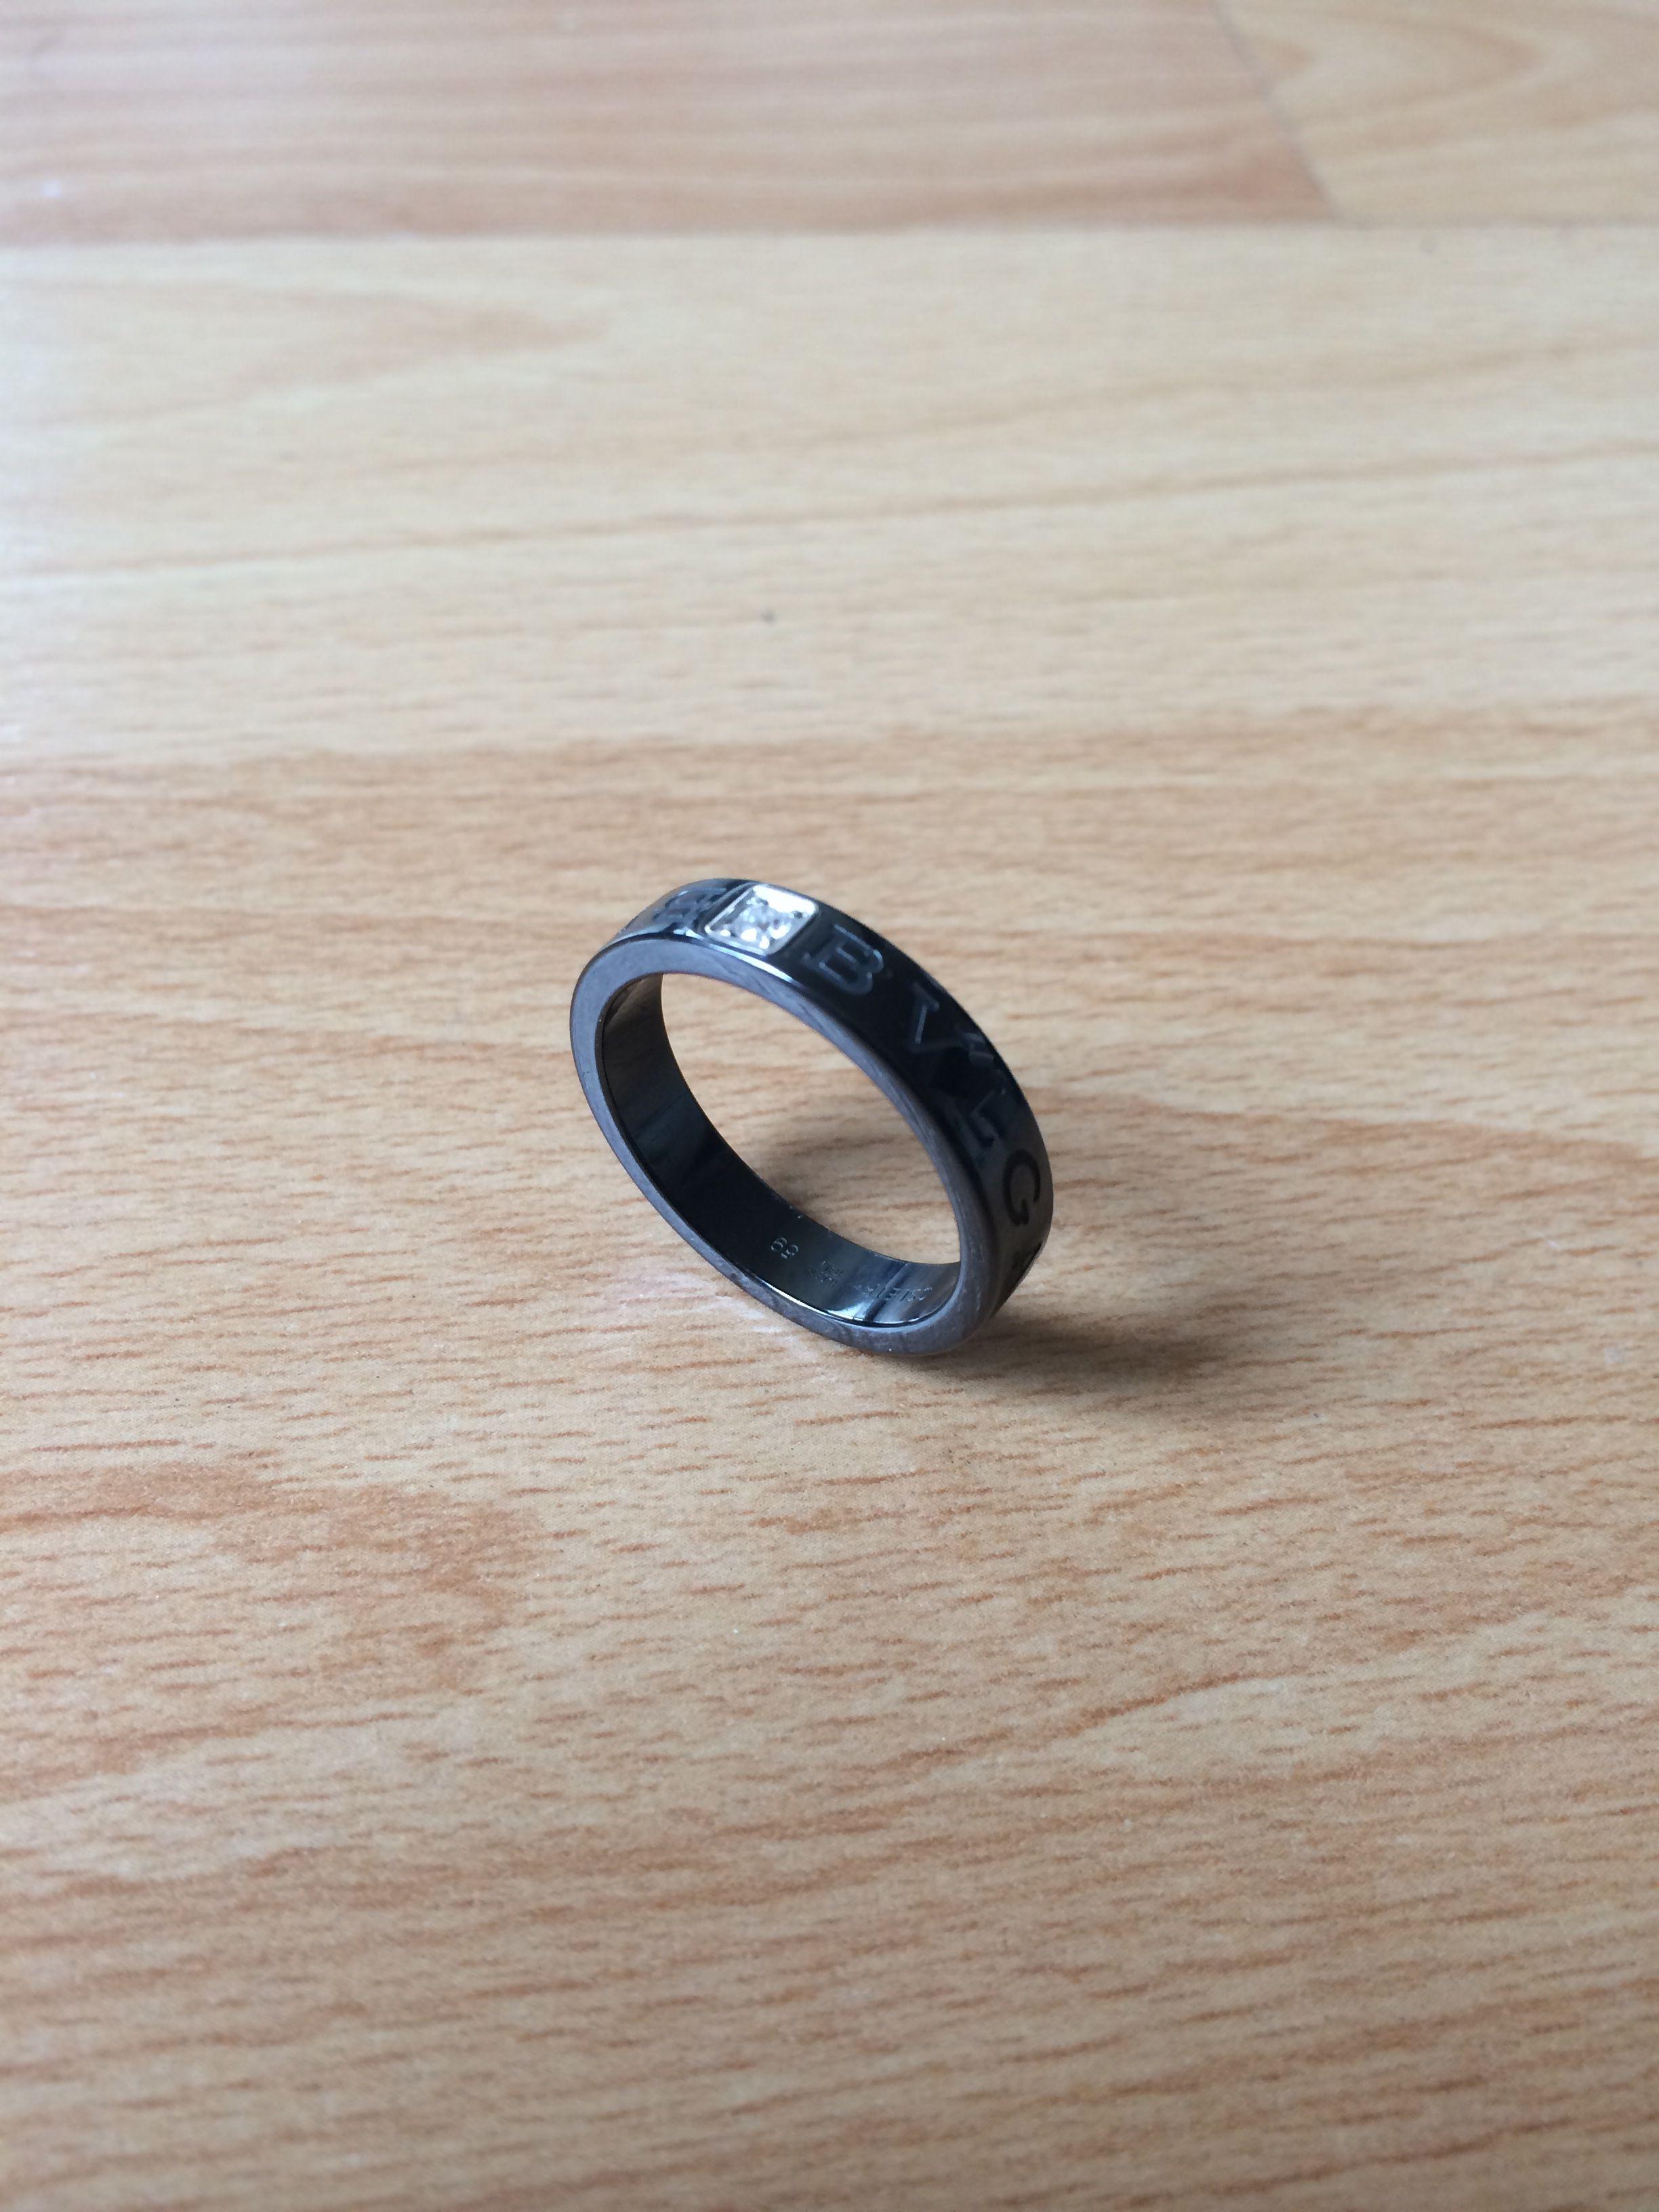 Bvlgari Men Ring Ceramic And Diamond Ok Ni Wedding Ring Uh But Too